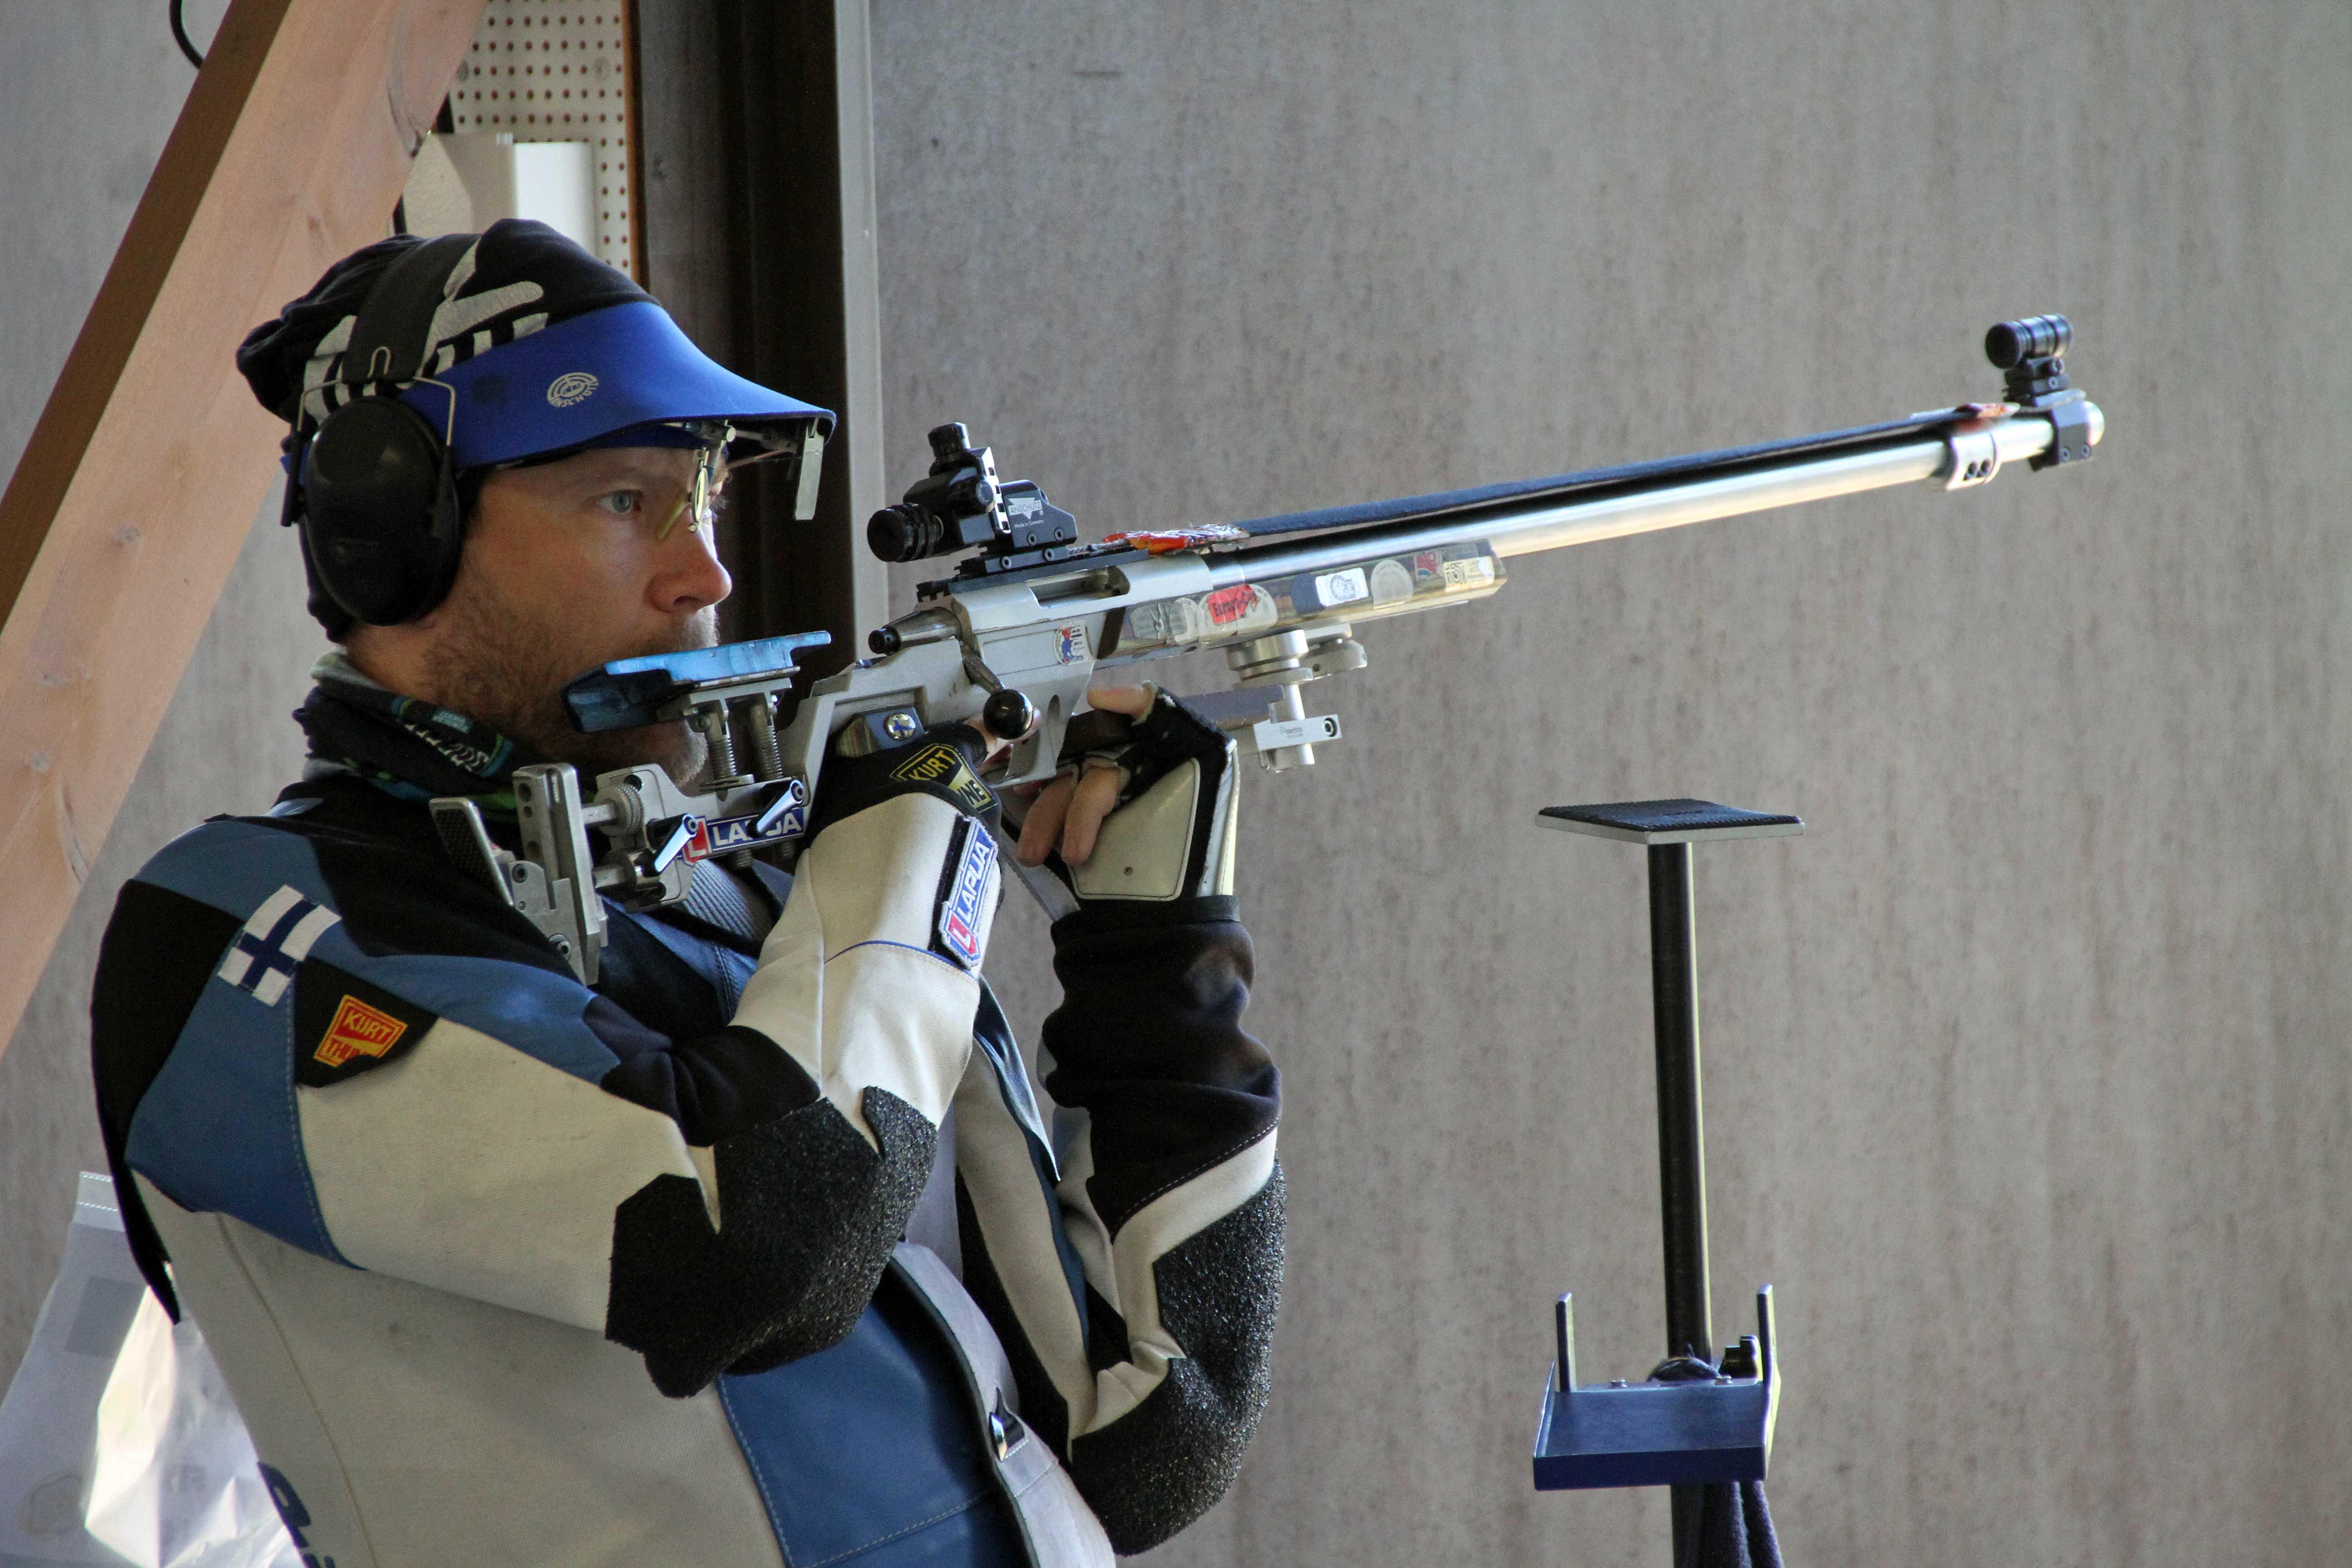 Kivääri – Sivu 4 – Suomen Ampumaurheiluliitto ry